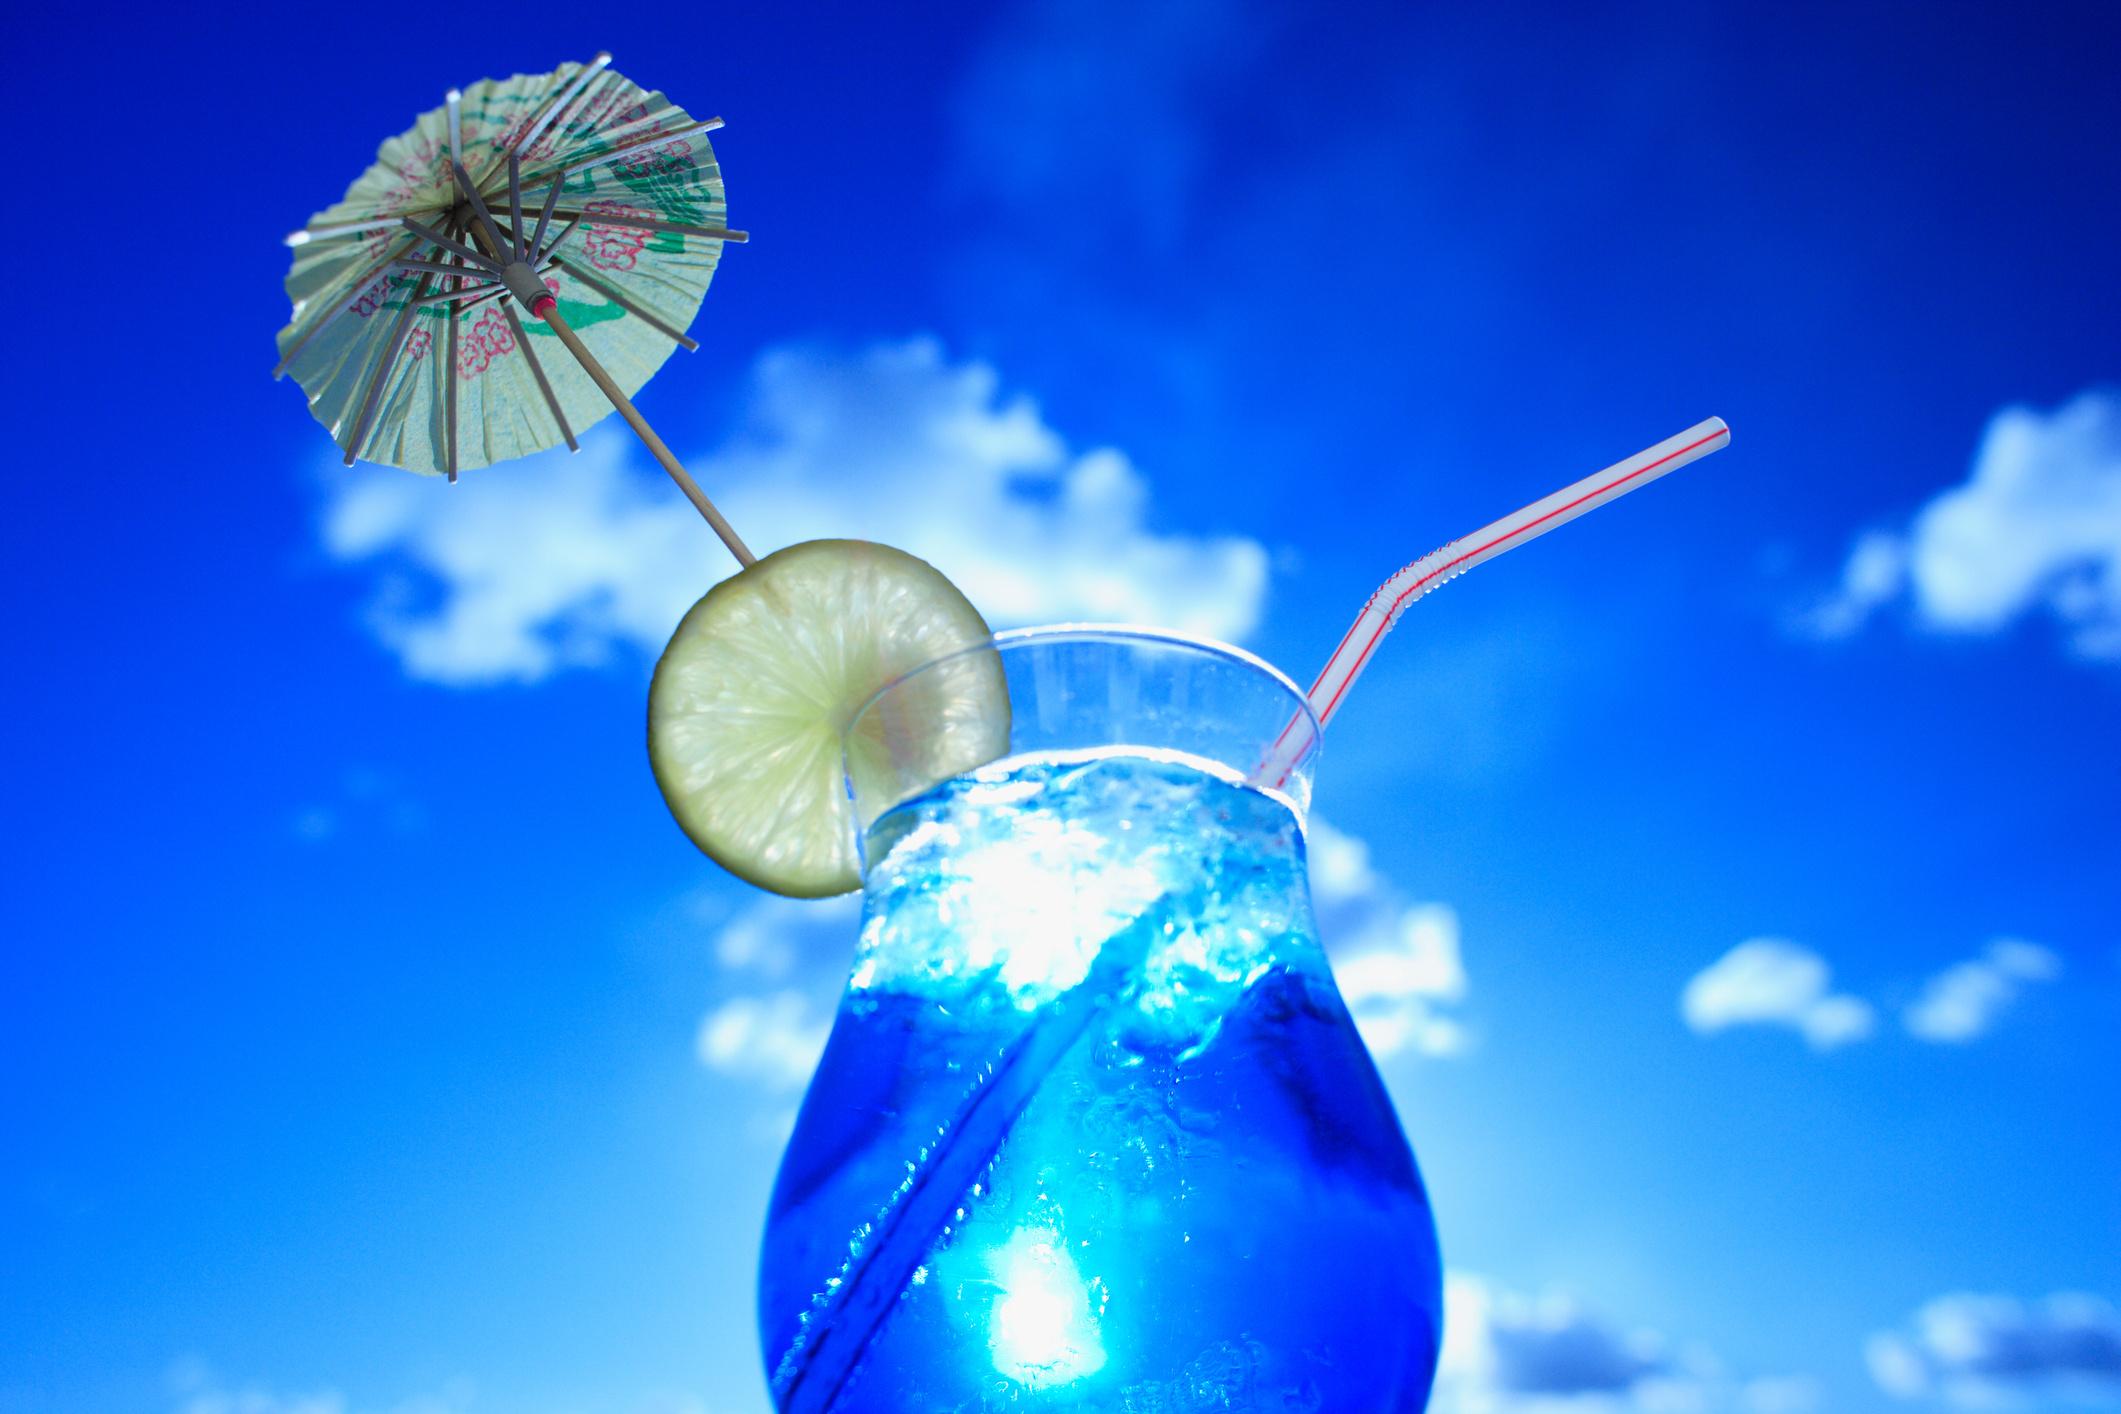 Как сделать коктейль голубая лагуна, рецепт - Рецепты - Wday 89